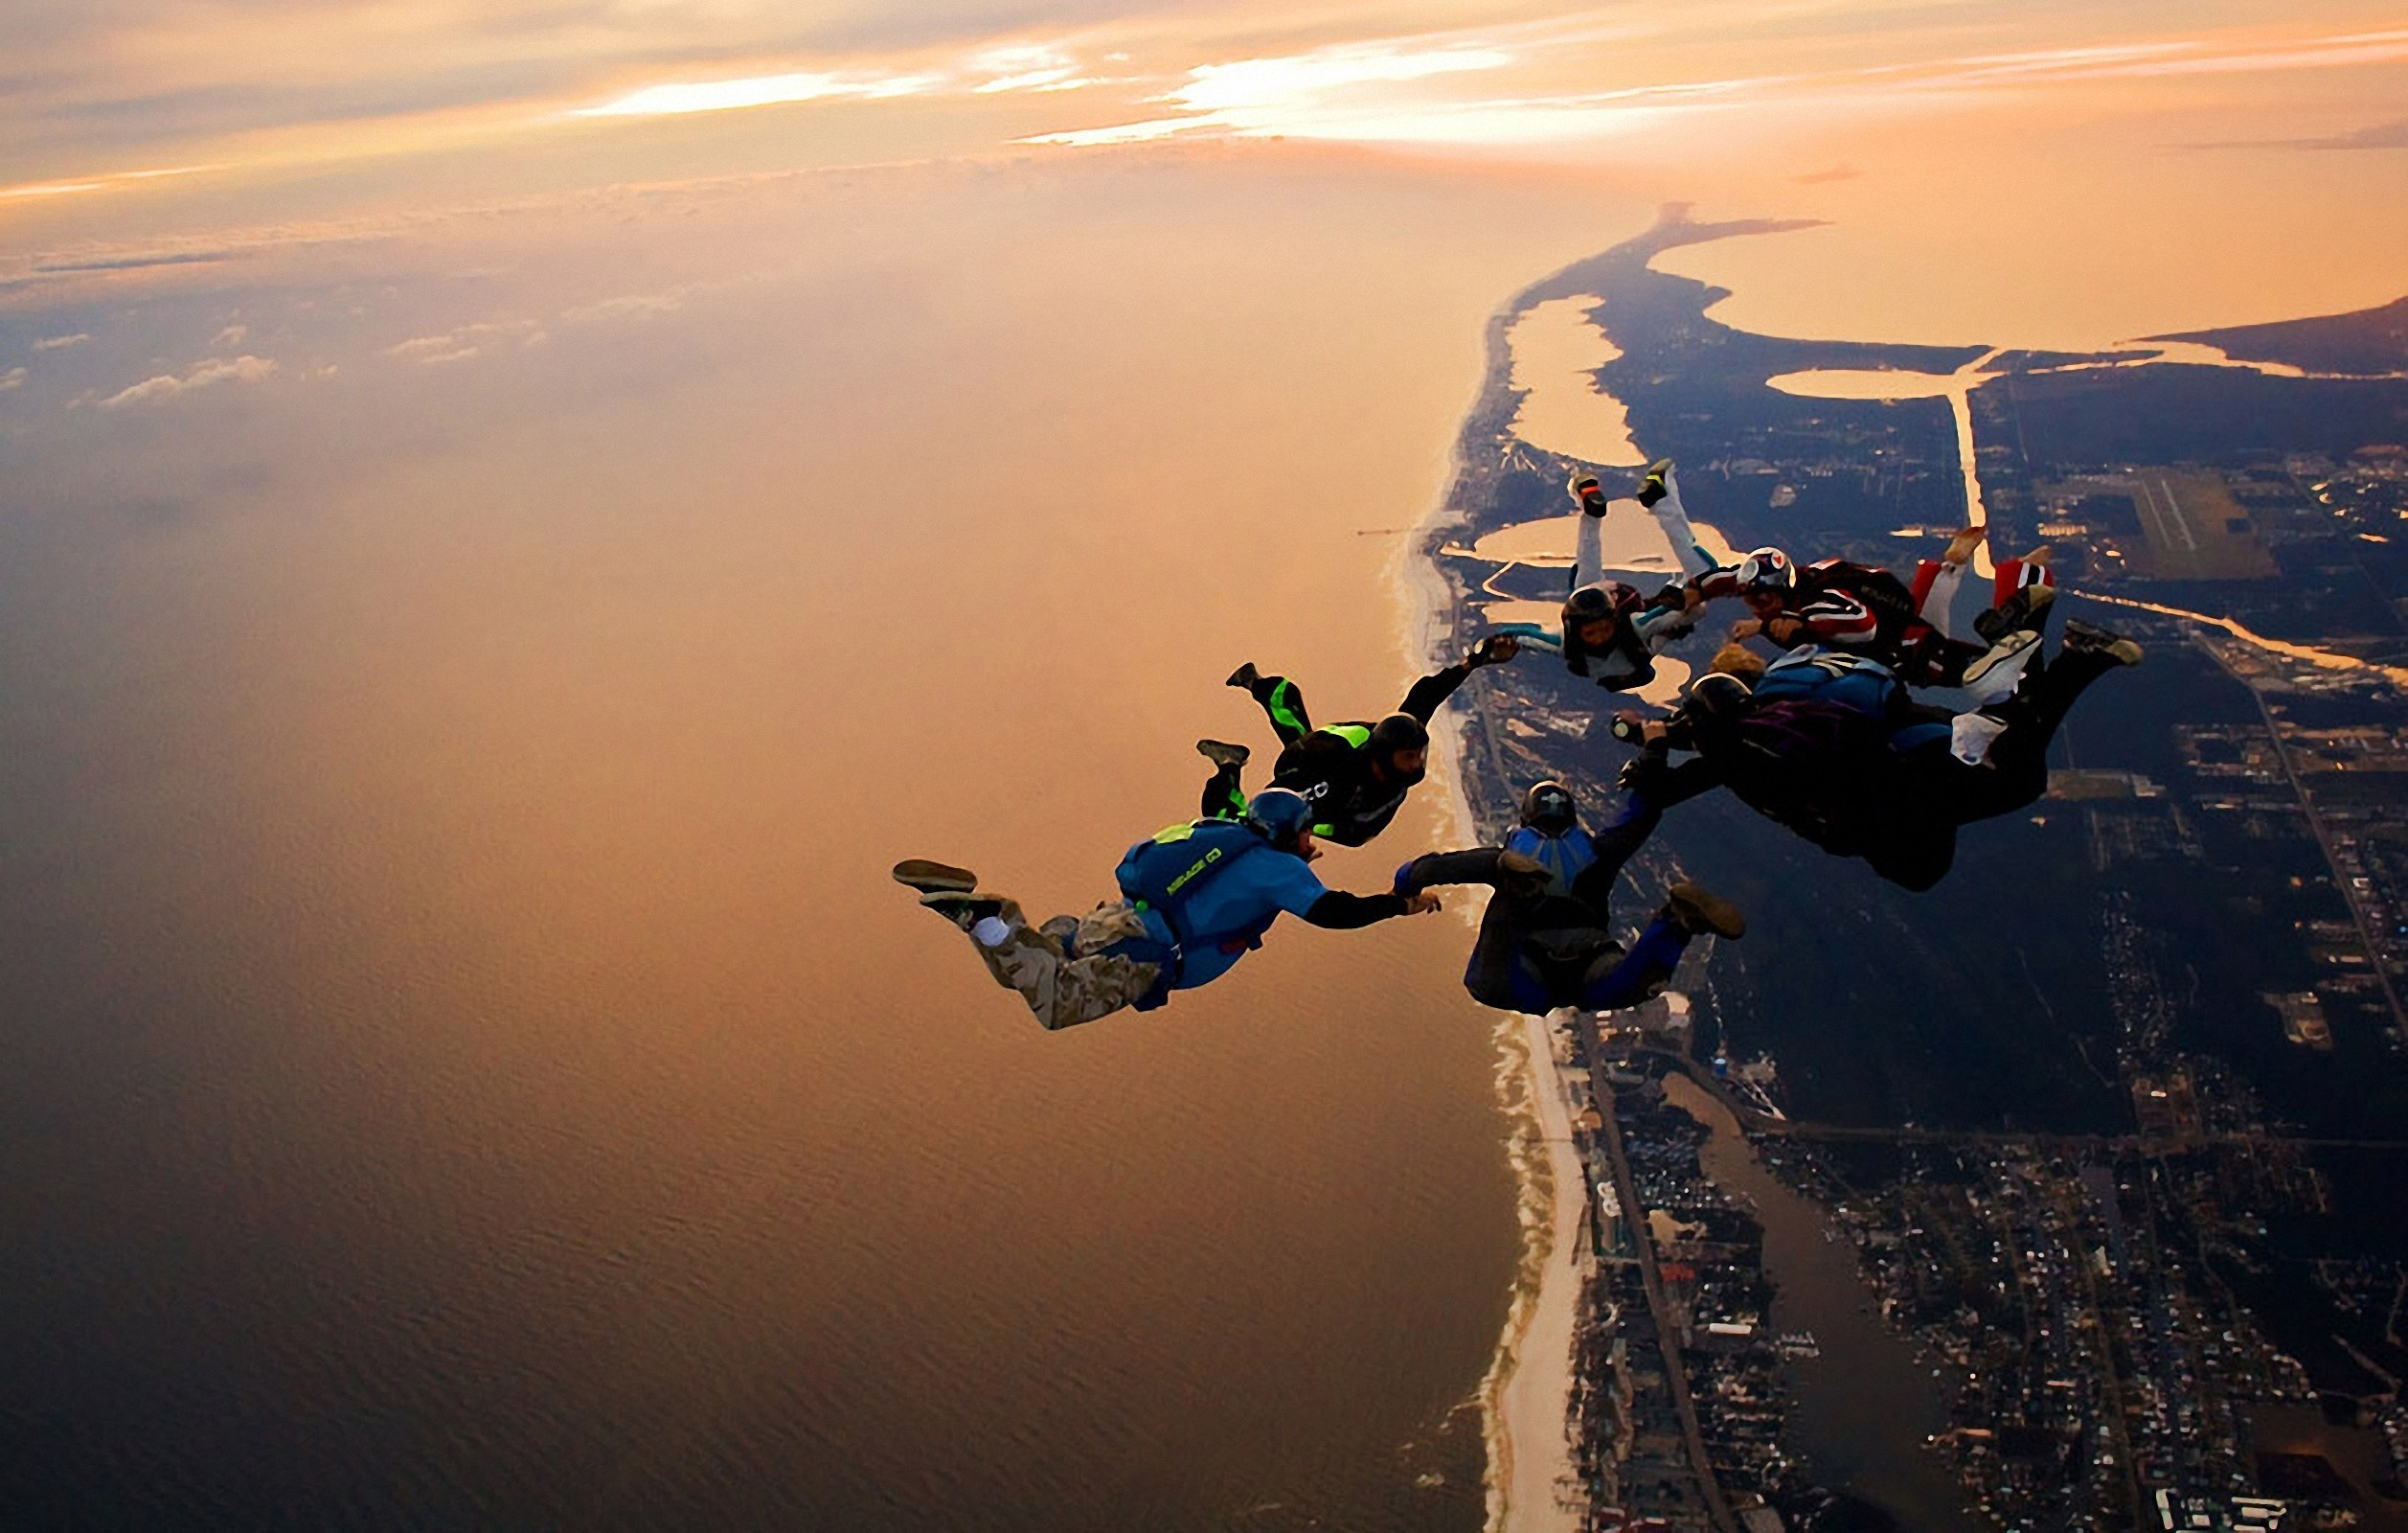 Resultado de imagem para skydiving wallpaper